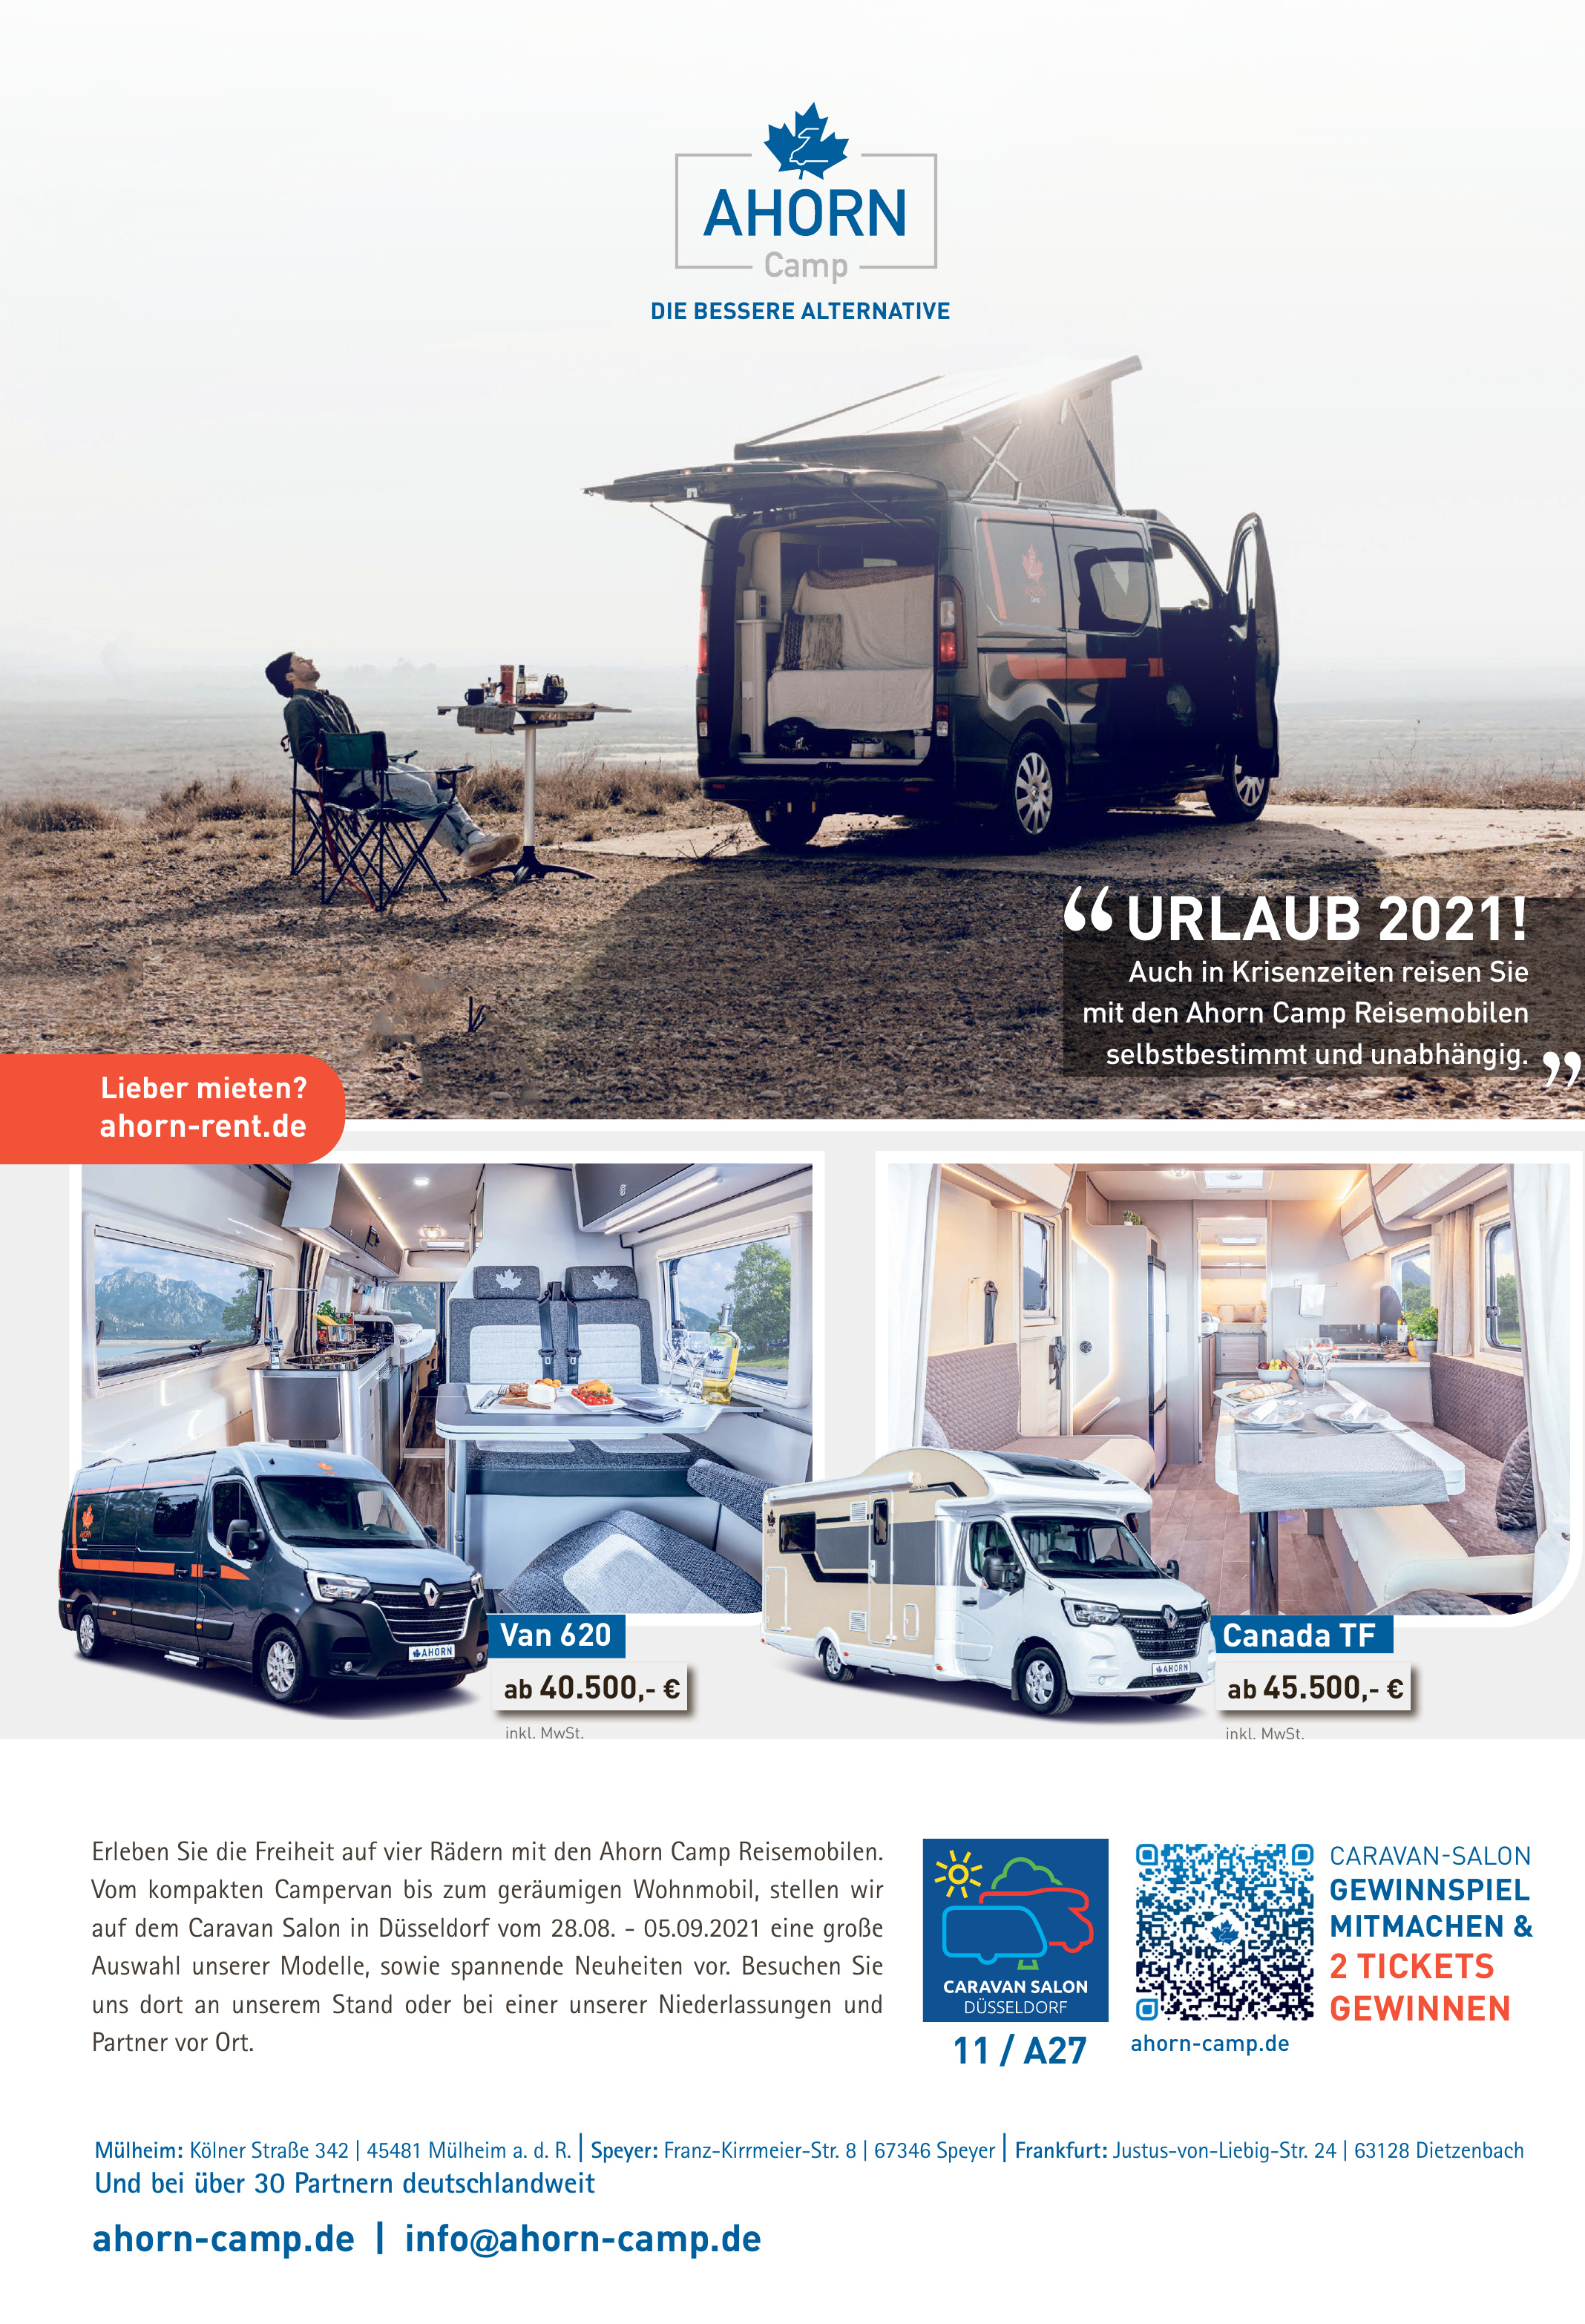 Ahorn Camp Reisemobilen